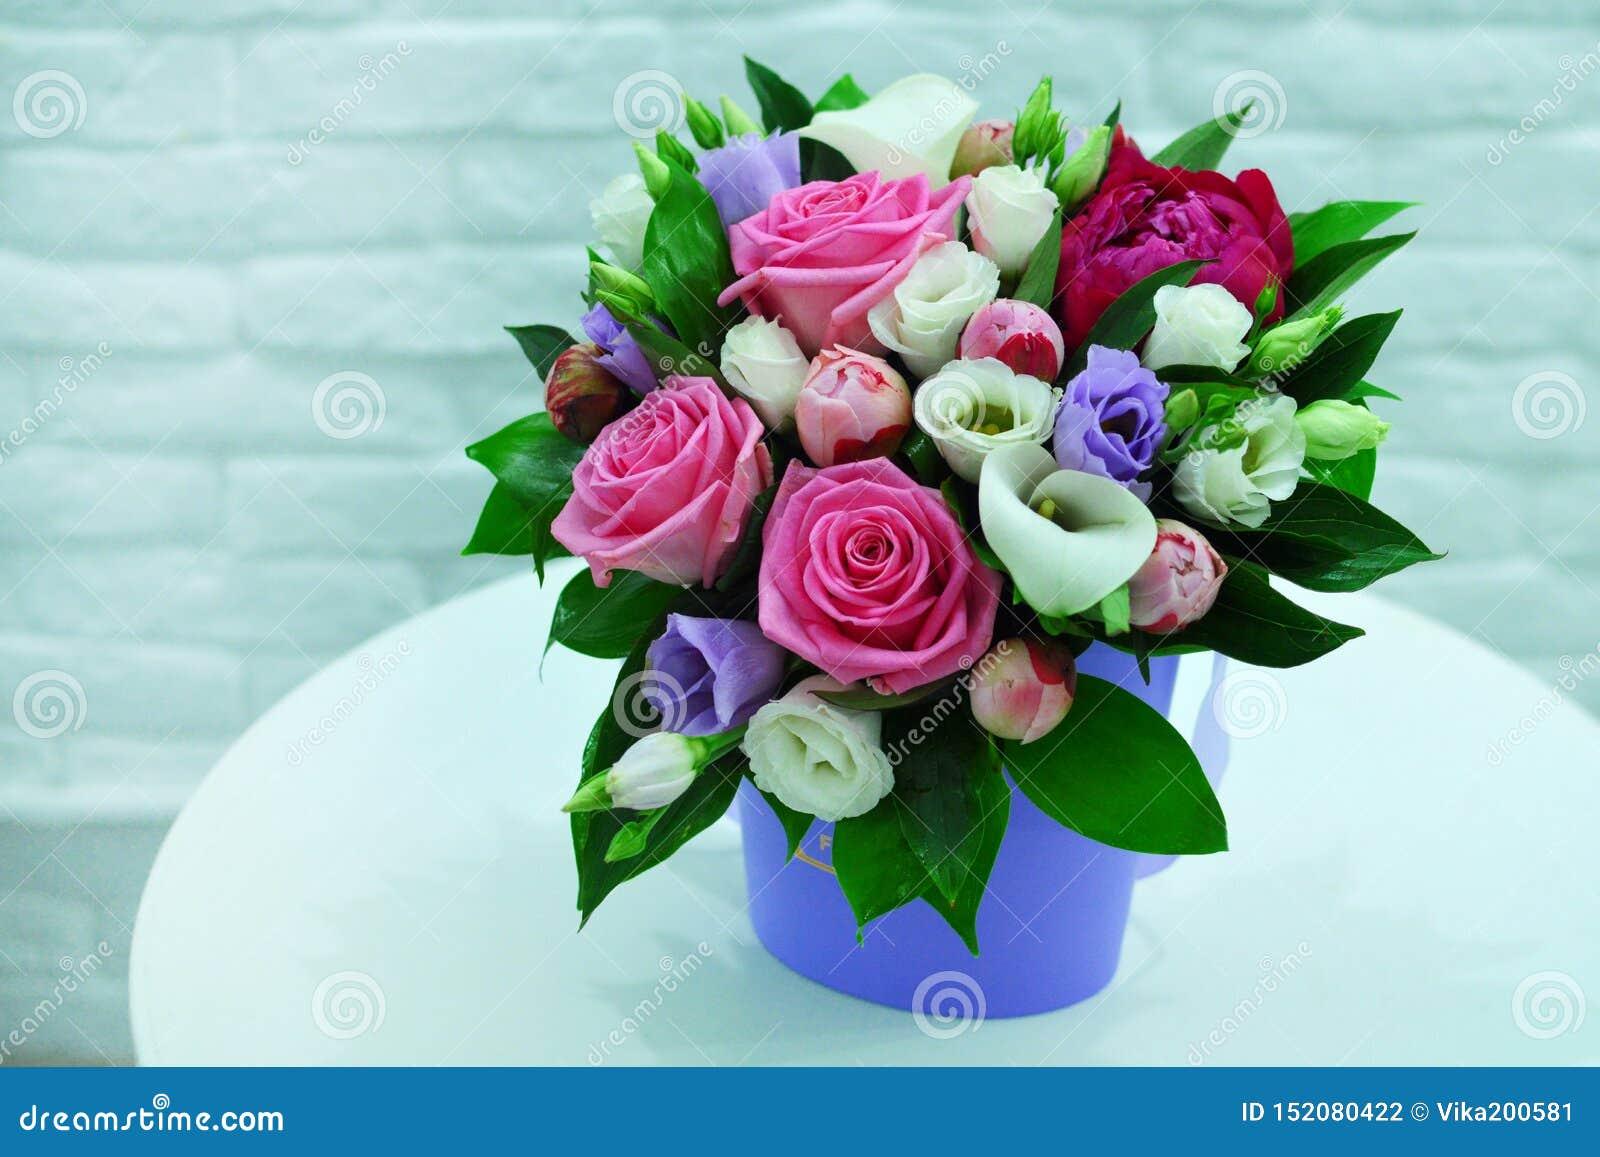 Όμορφη ανθοδέσμη των ζωηρόχρωμων λουλουδιών σε ένα ρόδινο υπόβαθρο στενό